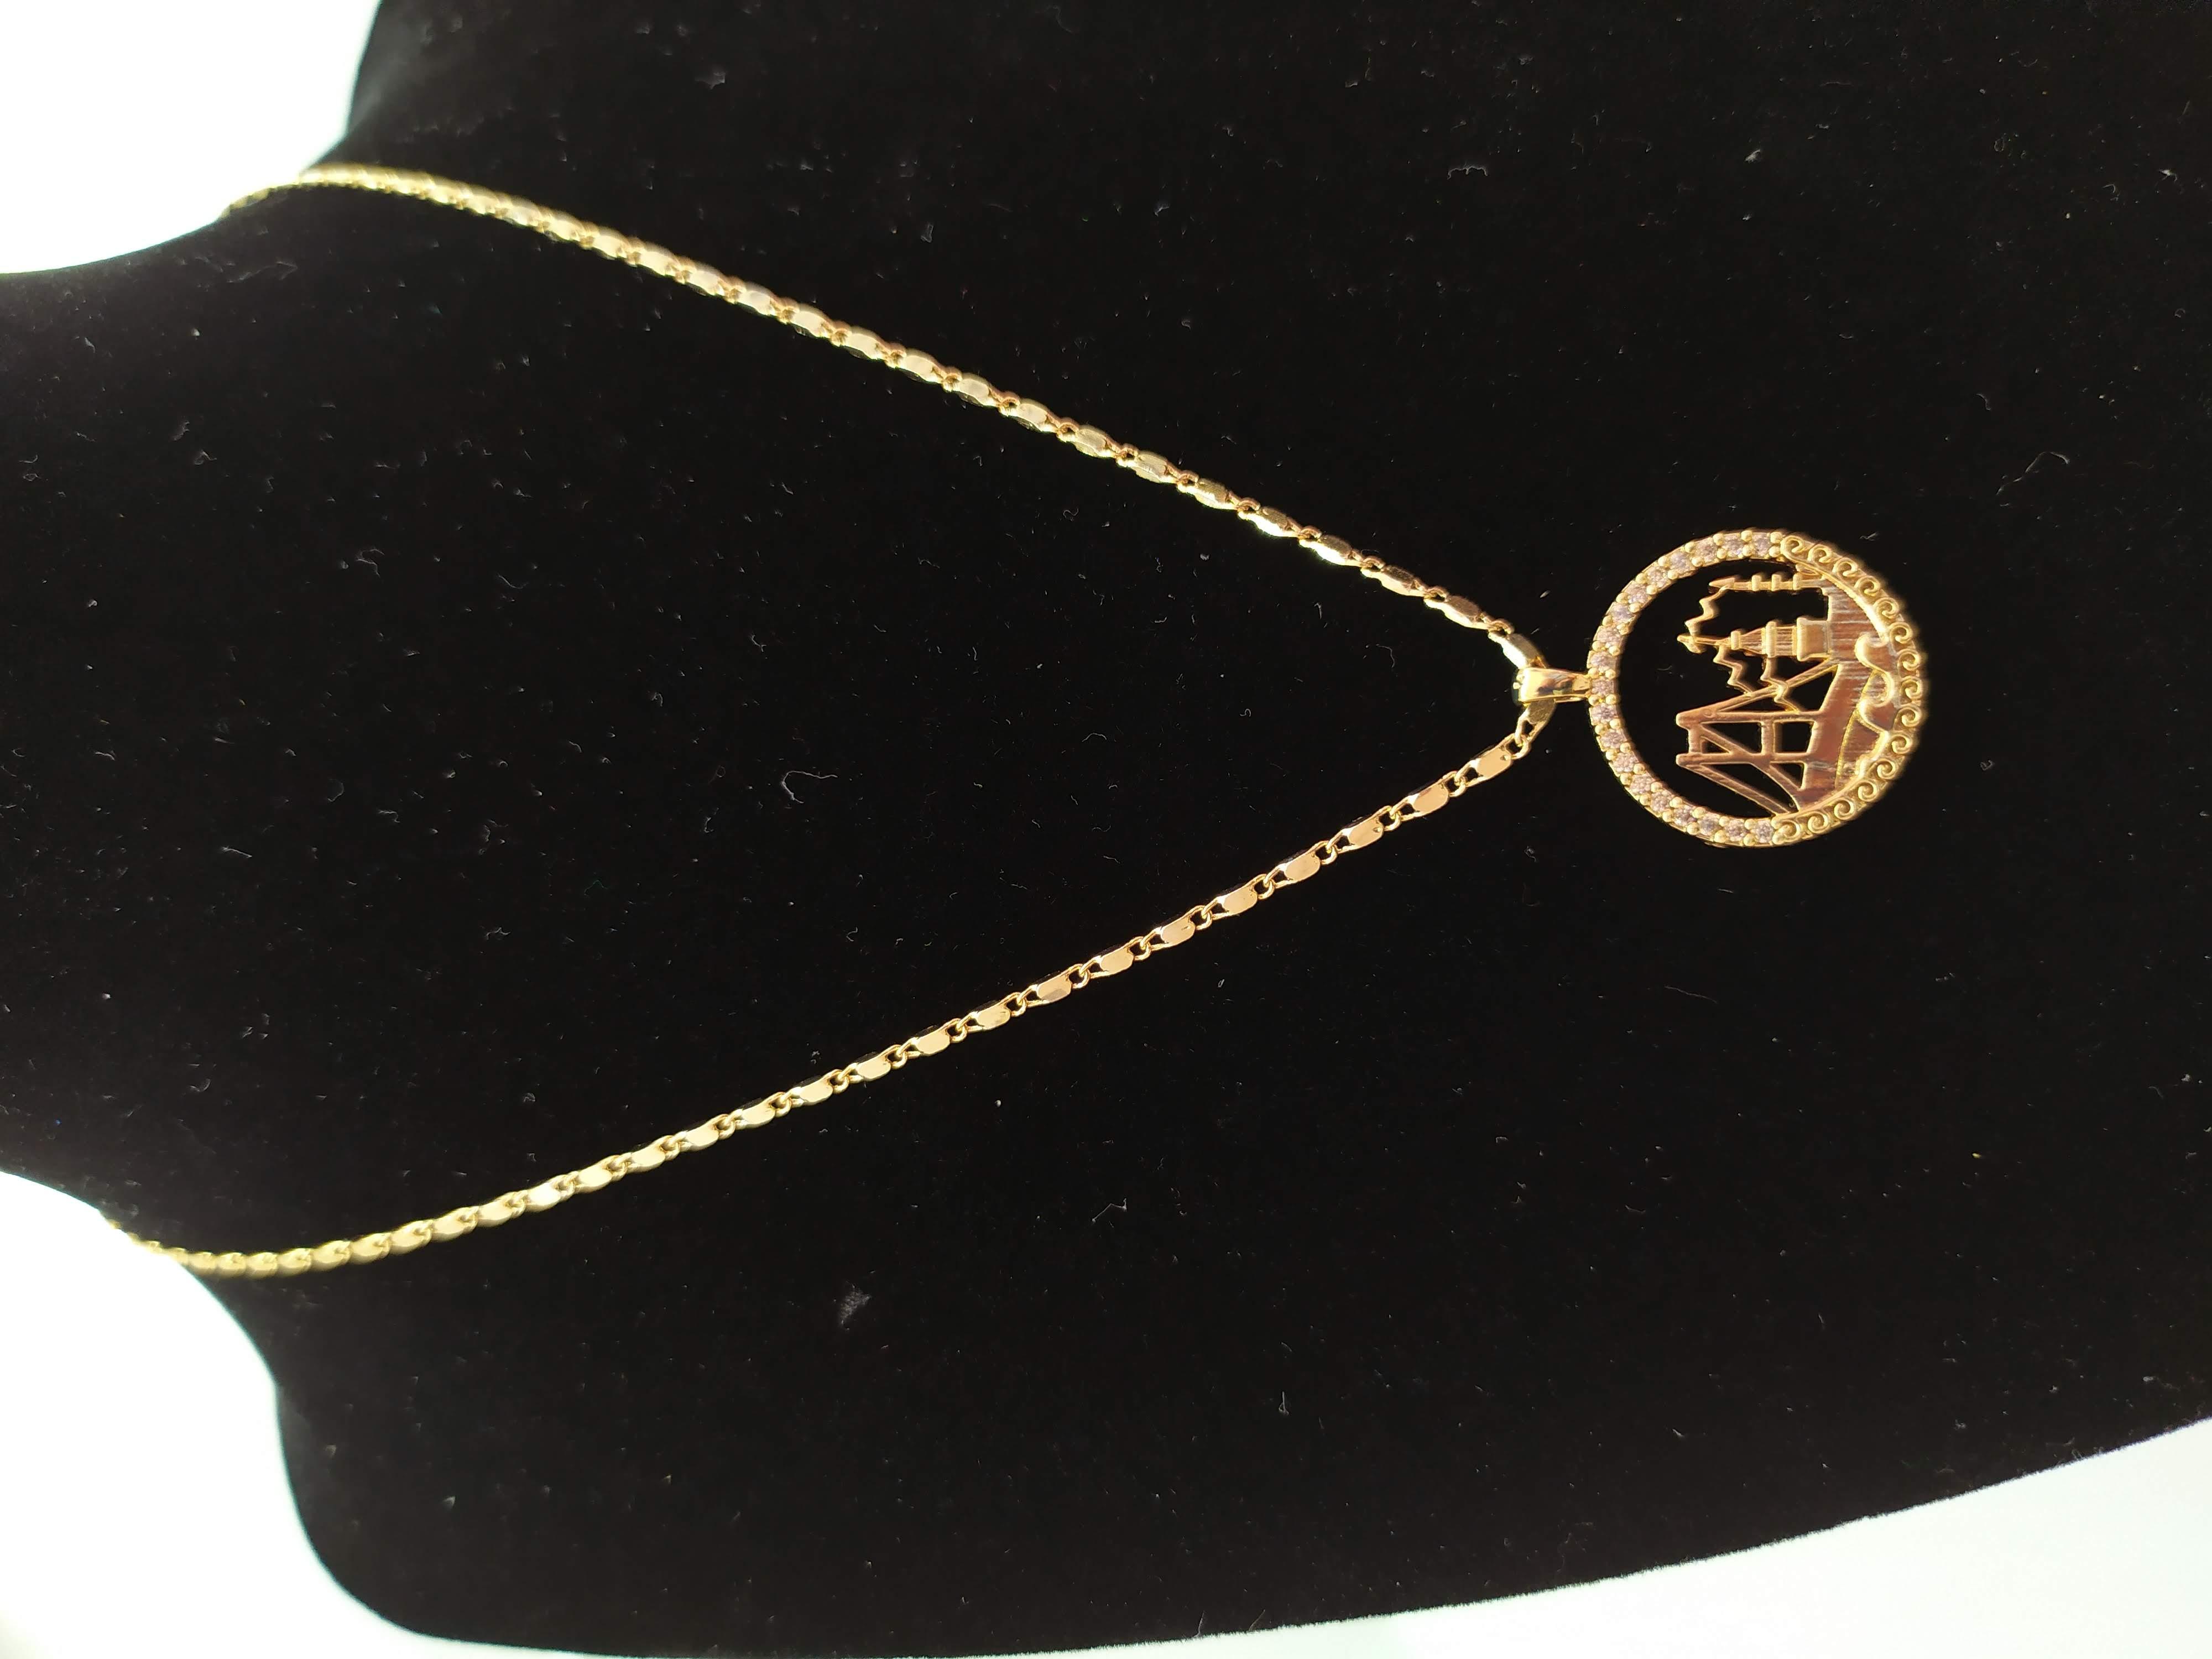 قلادة مطلية بالذهب مع الزركون الممتاز. لا يسبب الحساسية ، لا تغميق / Gold plated necklace with premium zircon. does not cause allergies, does not darken_12